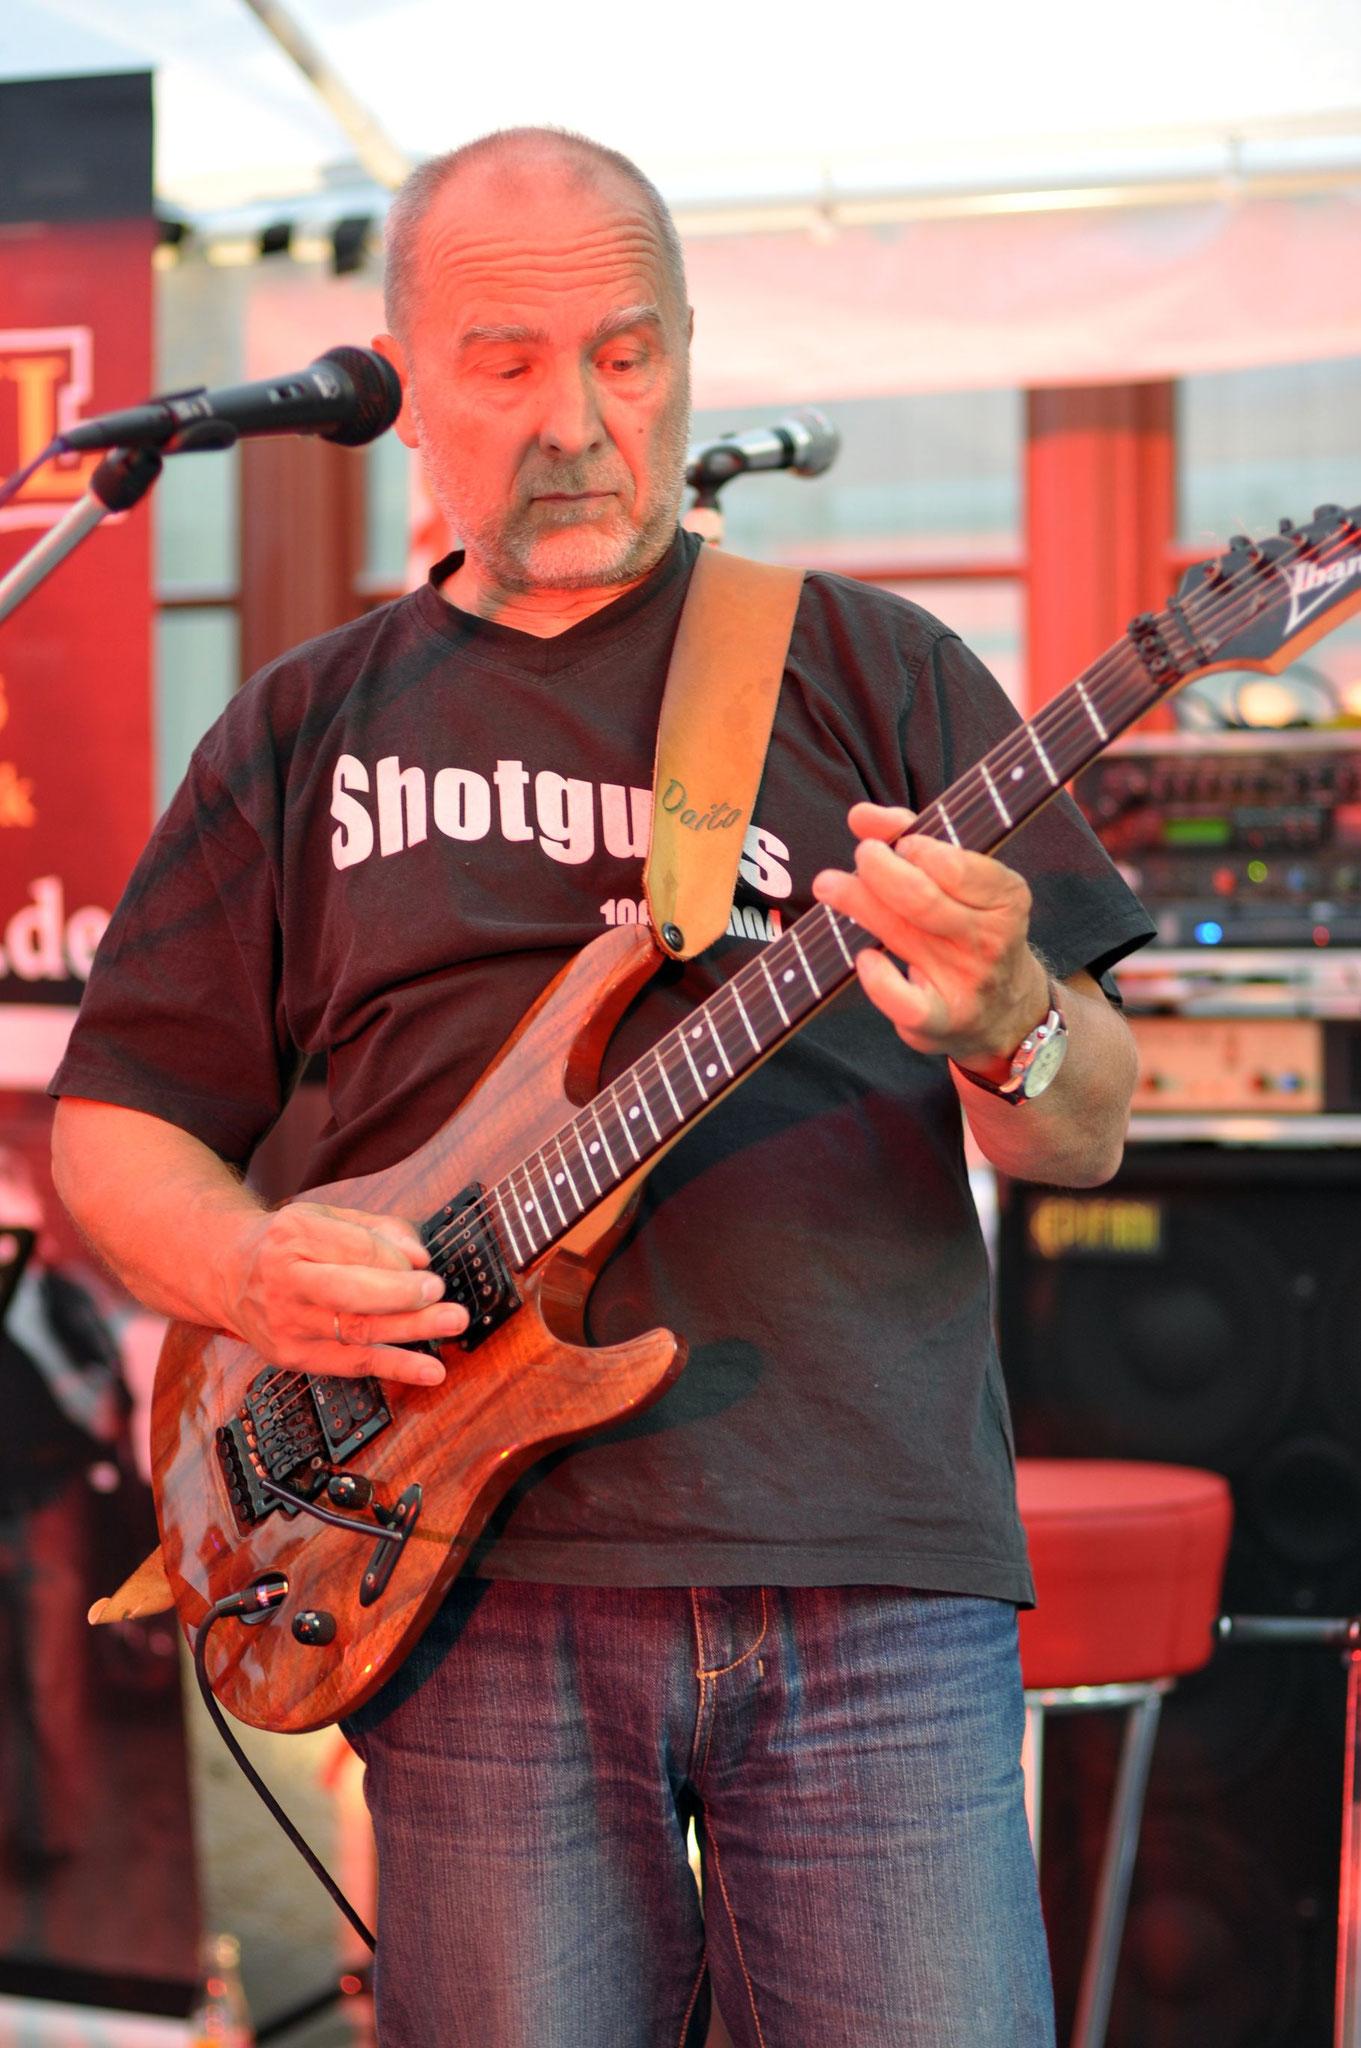 Konzerte im Bürgerhof 23.06.2012 2Shotguns - Freiwilligen-Zentrum Augsburg - Foto: Martin Schönberger